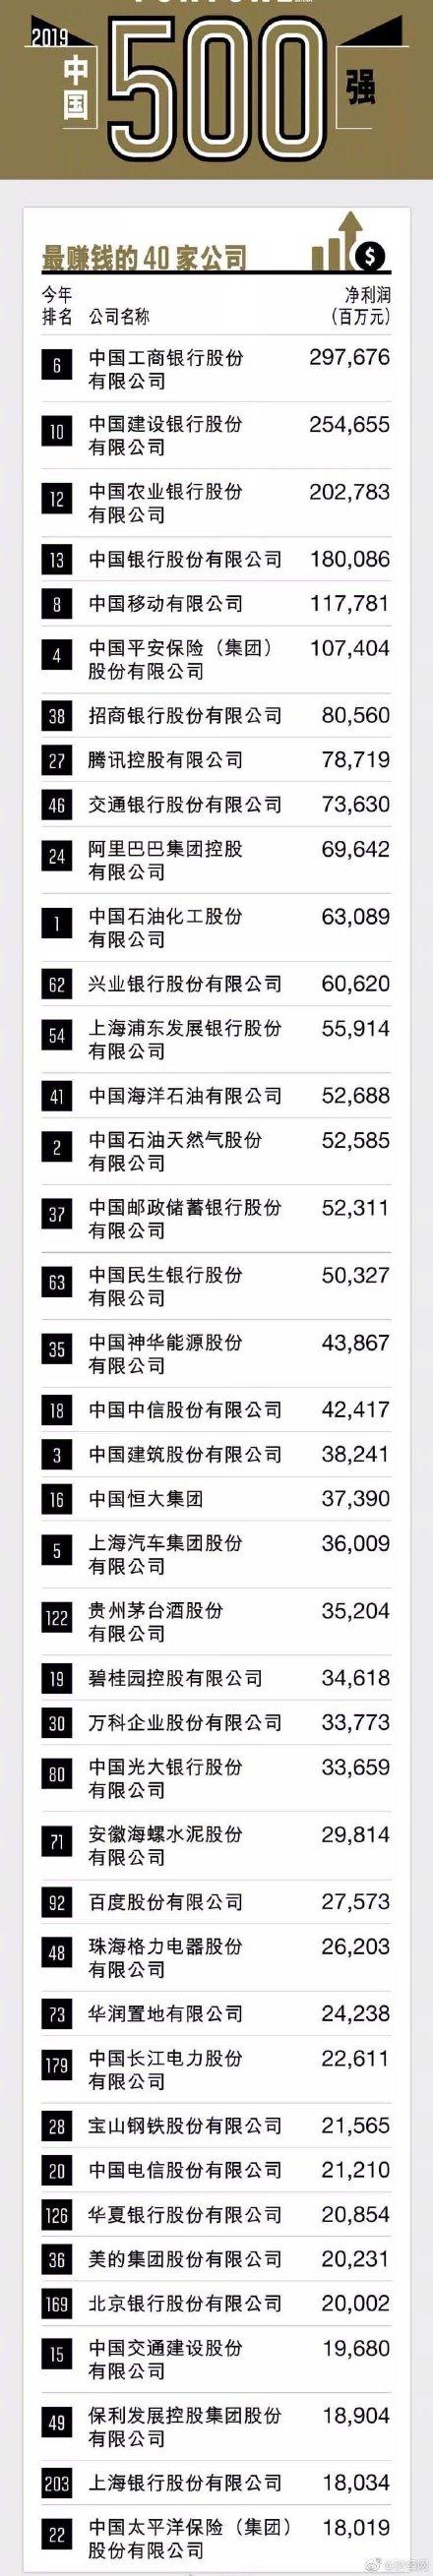 财富中国500强榜单:中石化中石油中国建筑位列前三